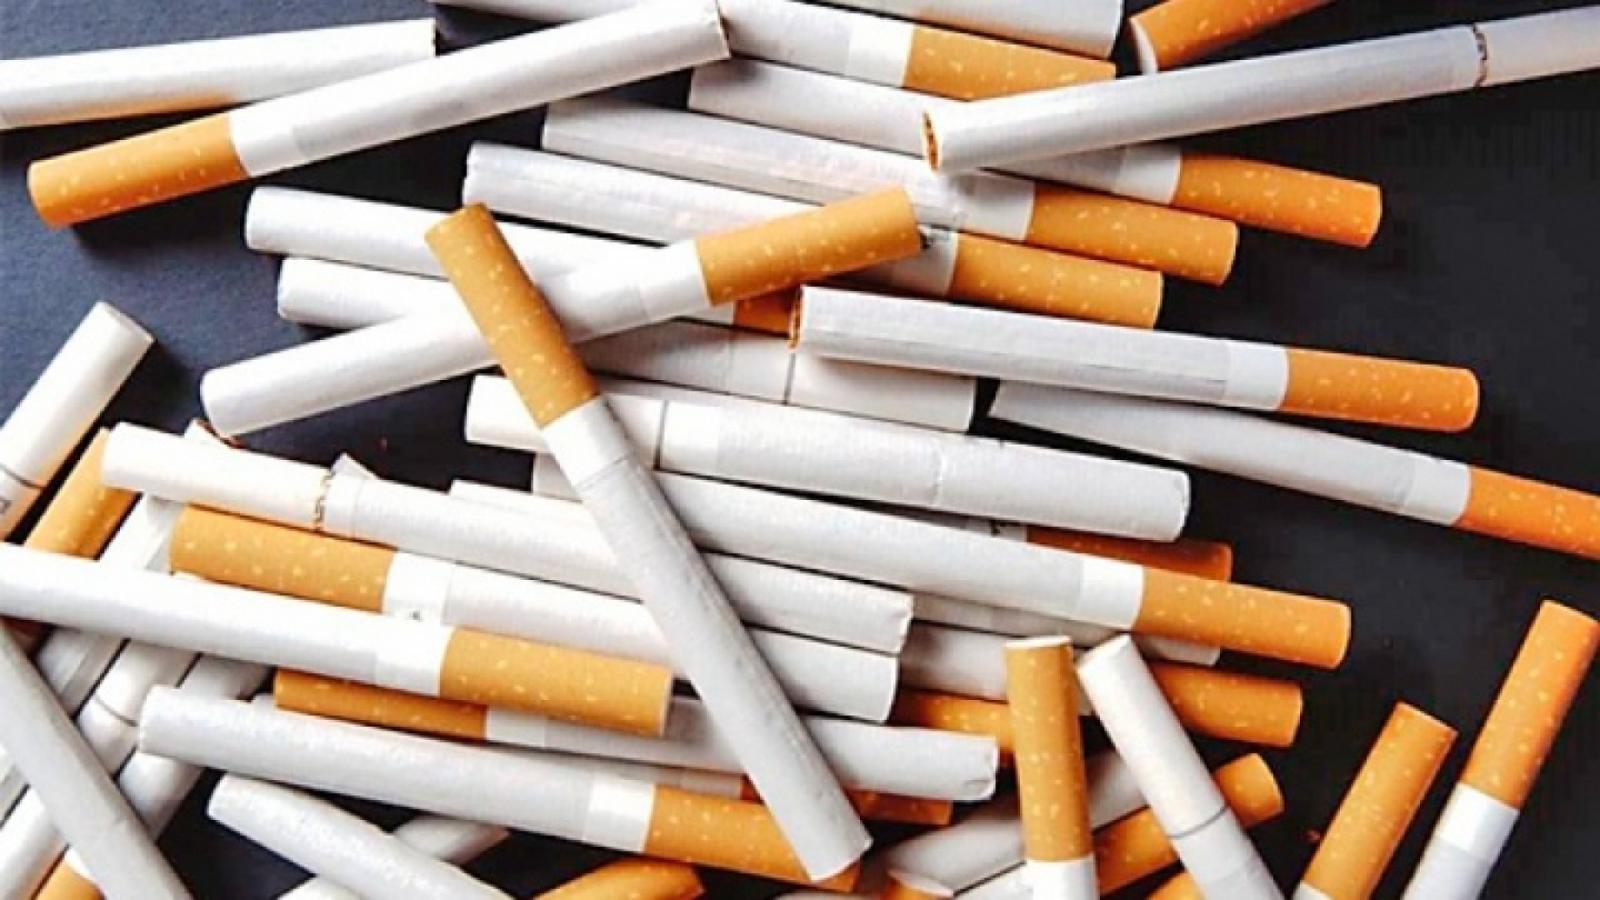 За пачку сигарет теперь придется отдать минимум 108 рублей #Новости #Общество #Омск